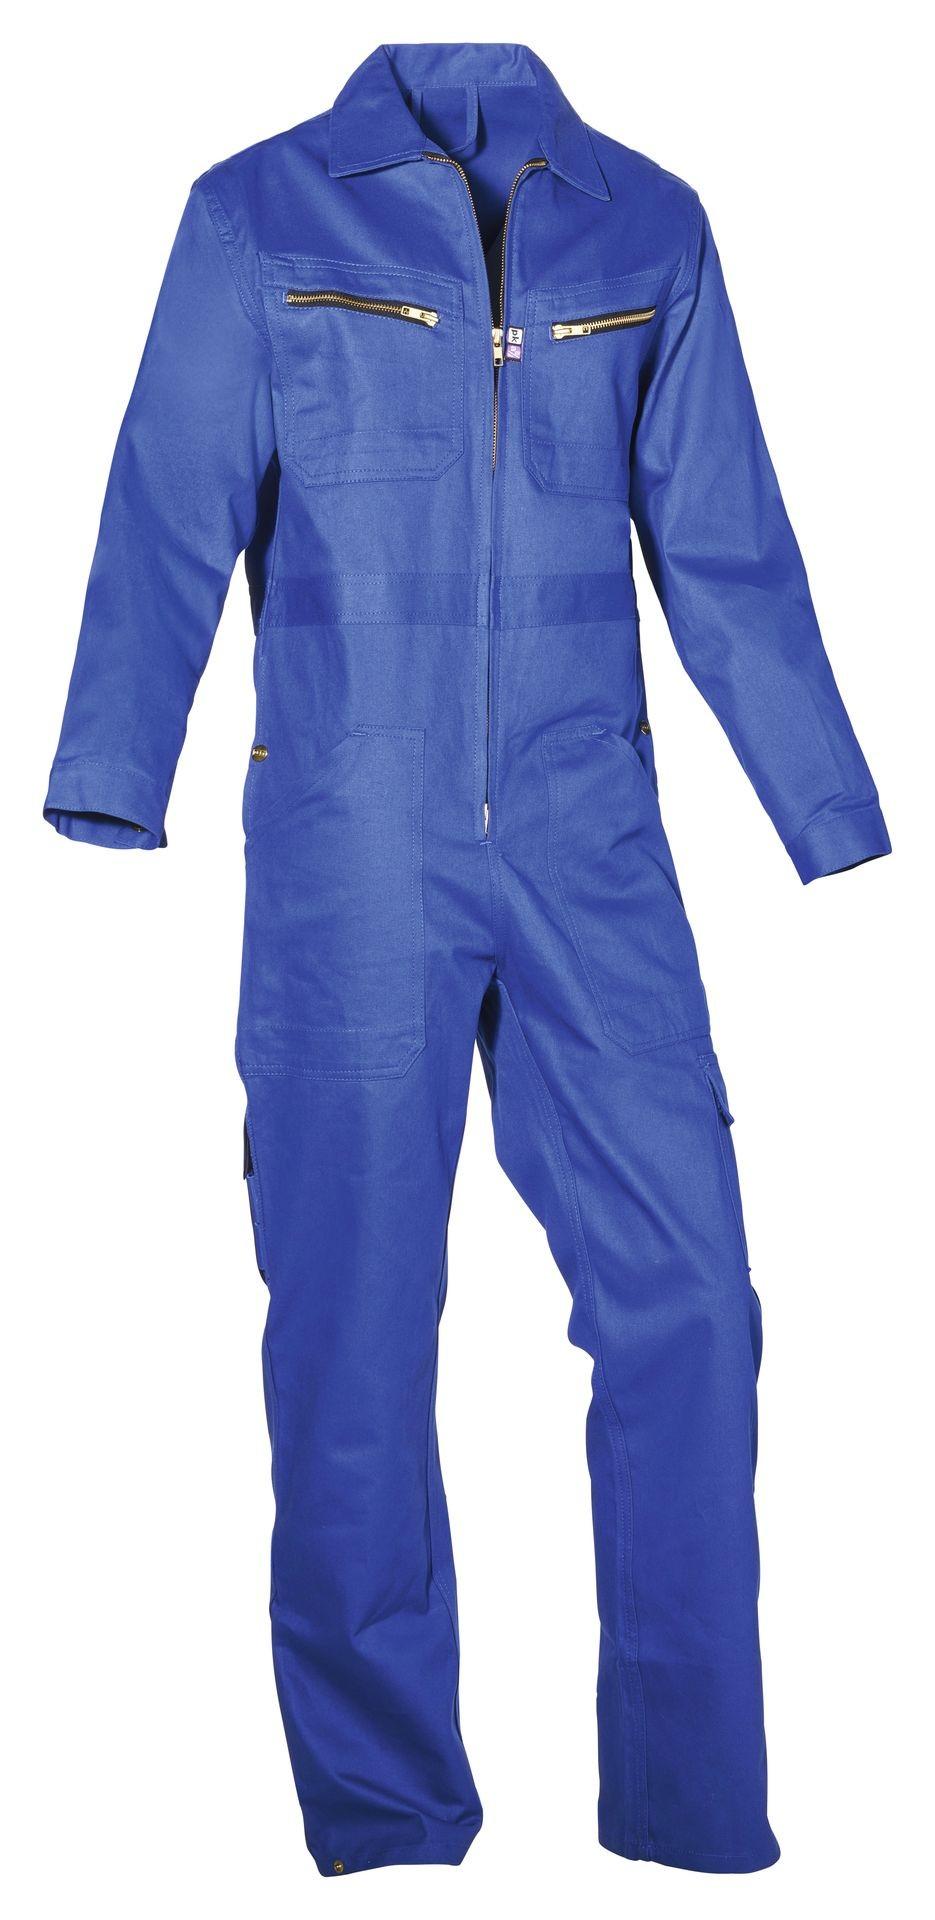 Arbeitsoverall blau Blaumann